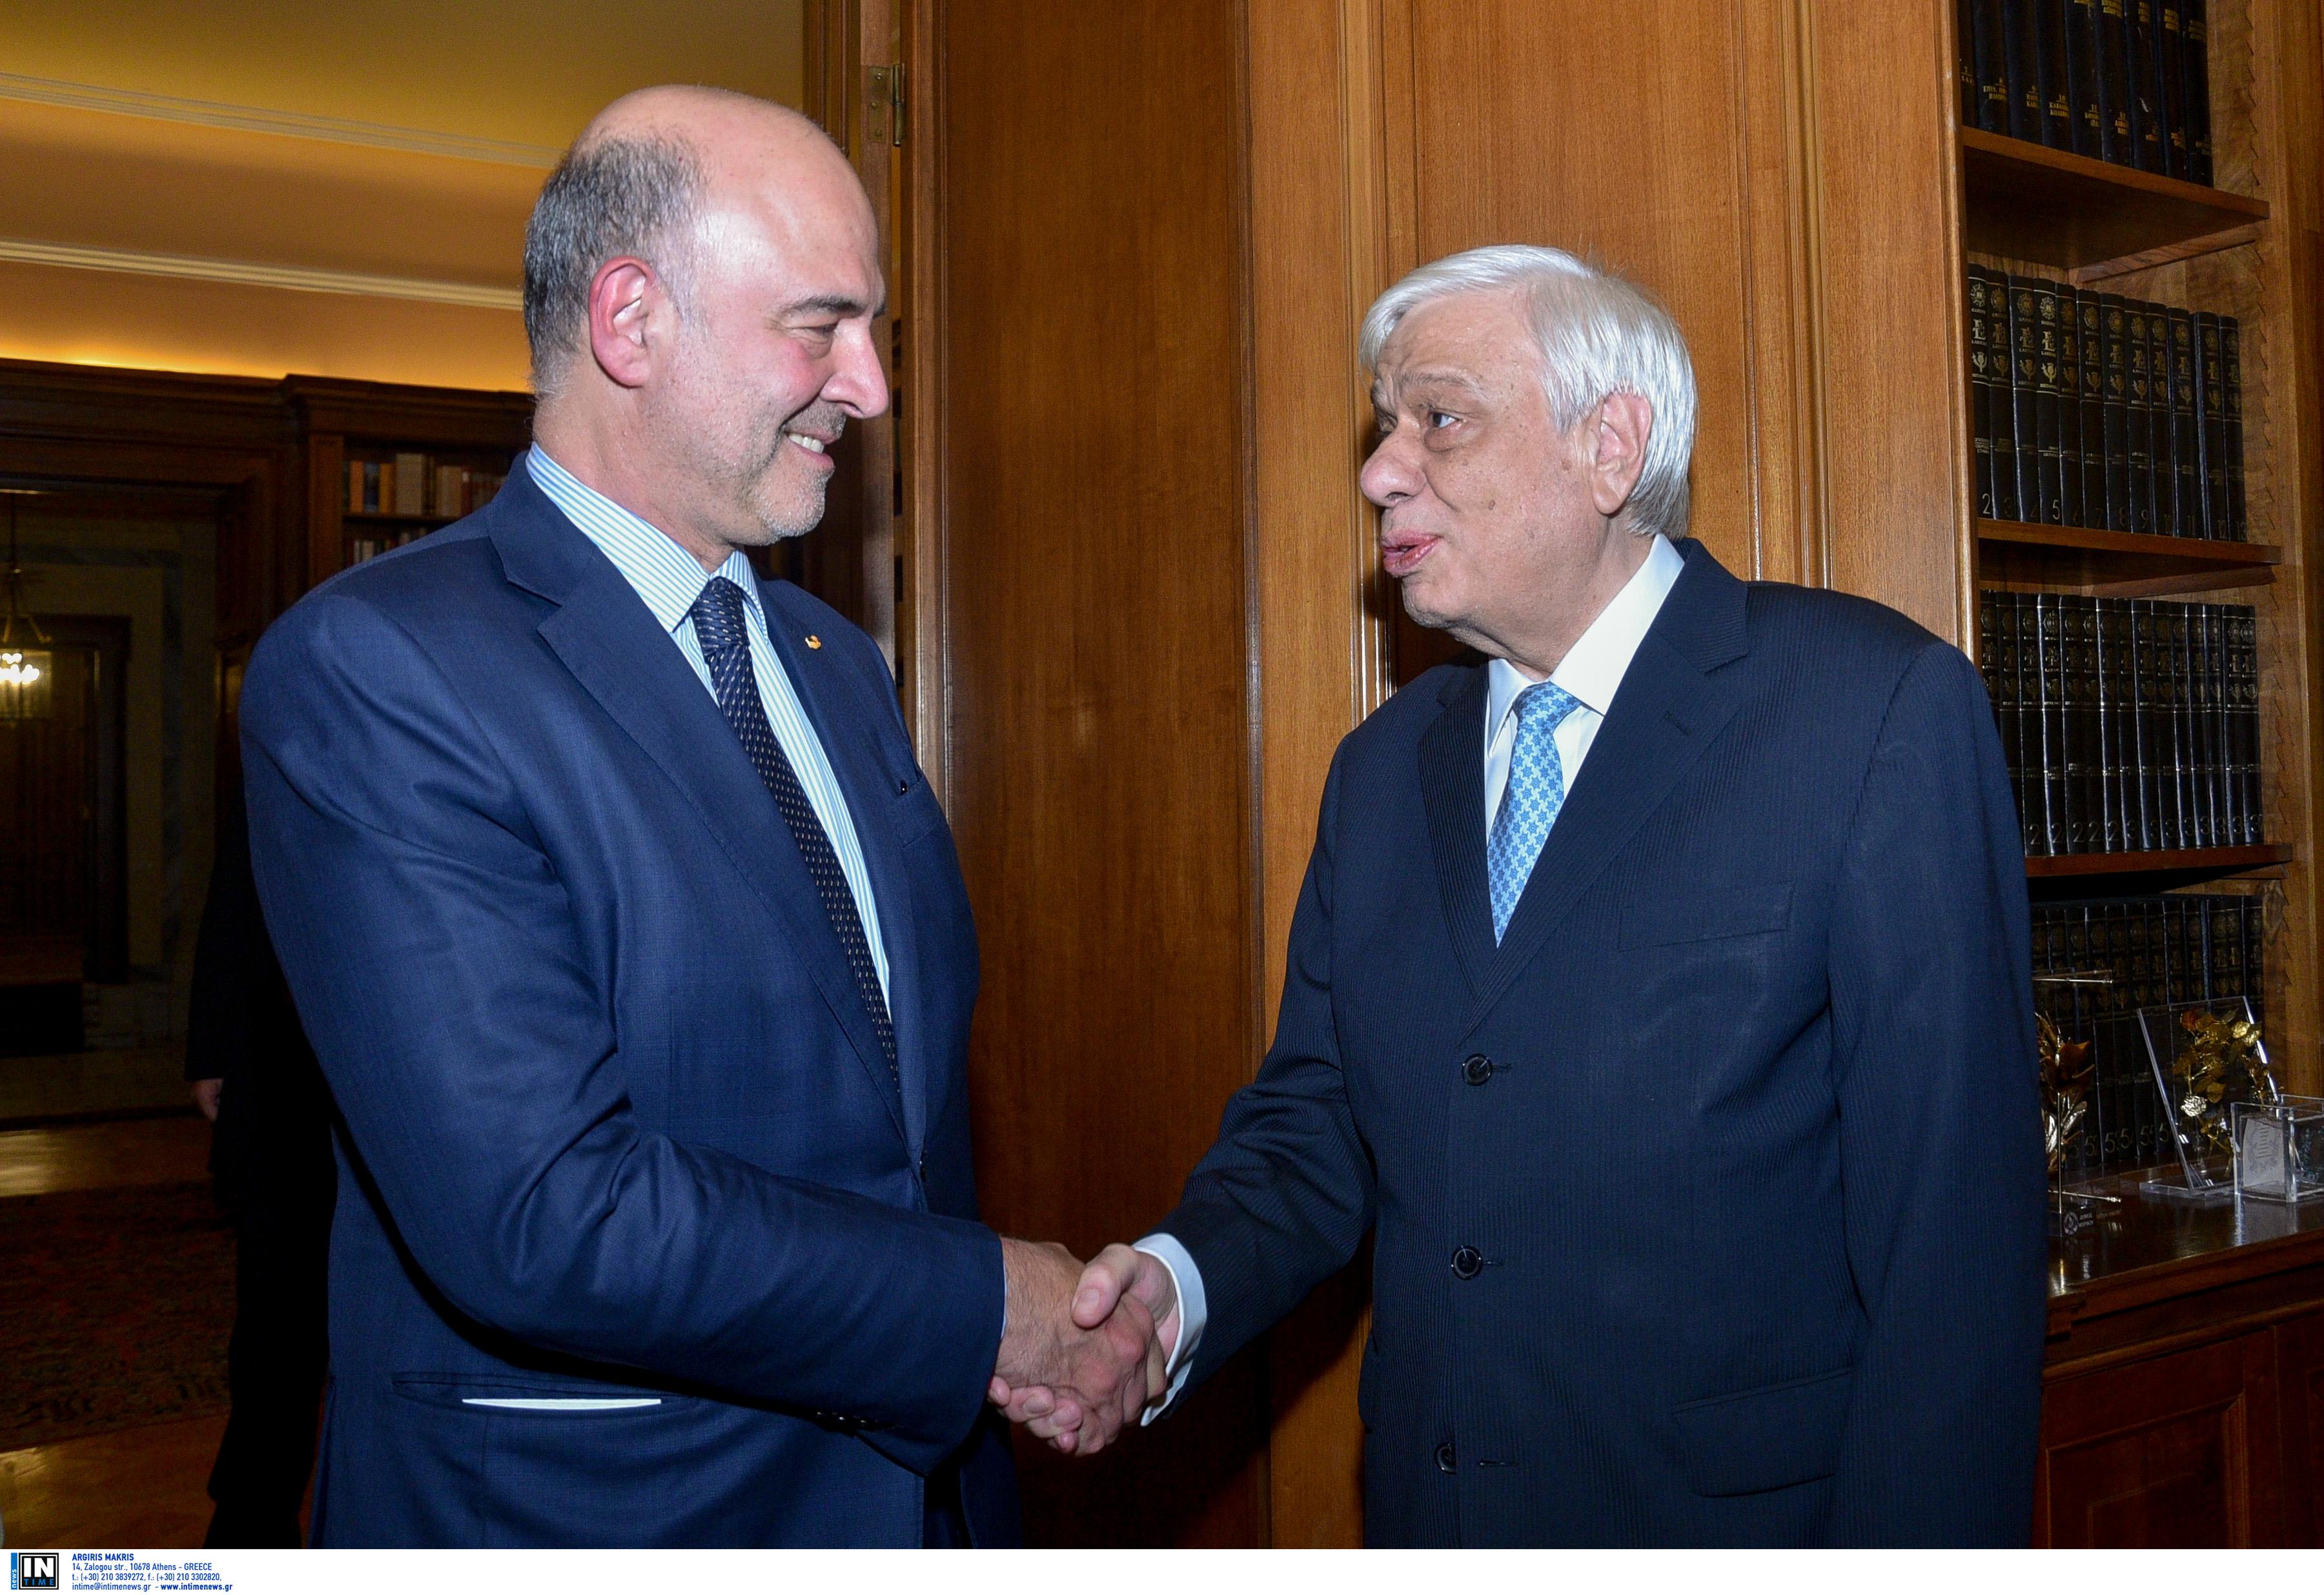 """Συνάντηση Παυλόπουλου - Μοσκοβισί στο Προεδρικό Μέγαρο - """"Θα είμαι πάντα φίλος της Ελλάδας"""" [pics]"""